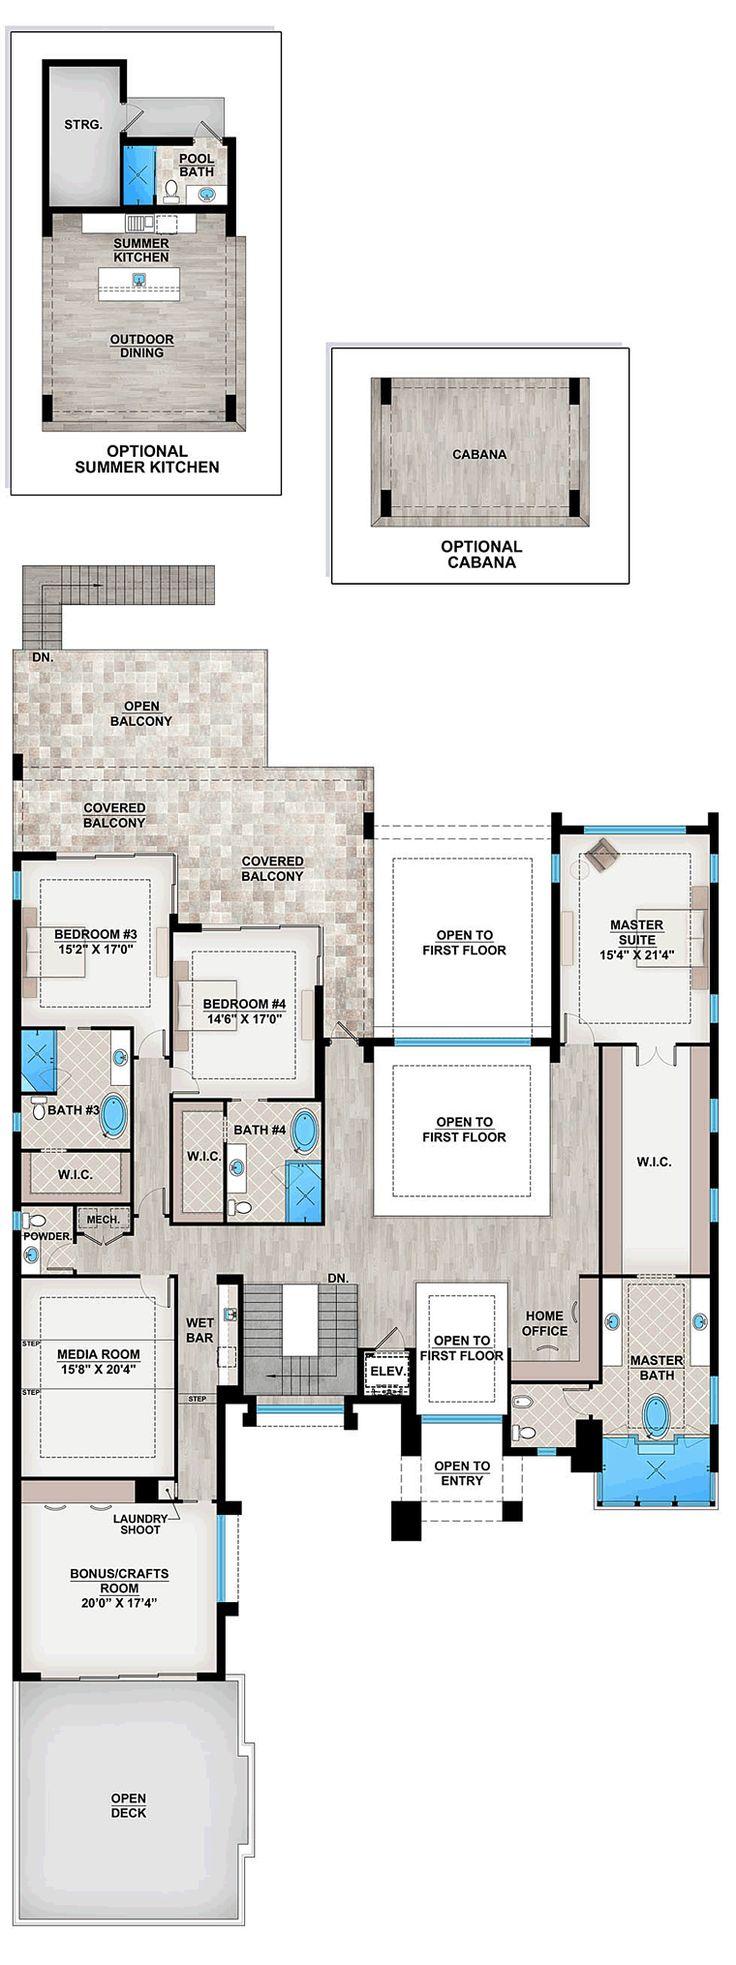 4499 best architectural plans models u0026 presentation images on